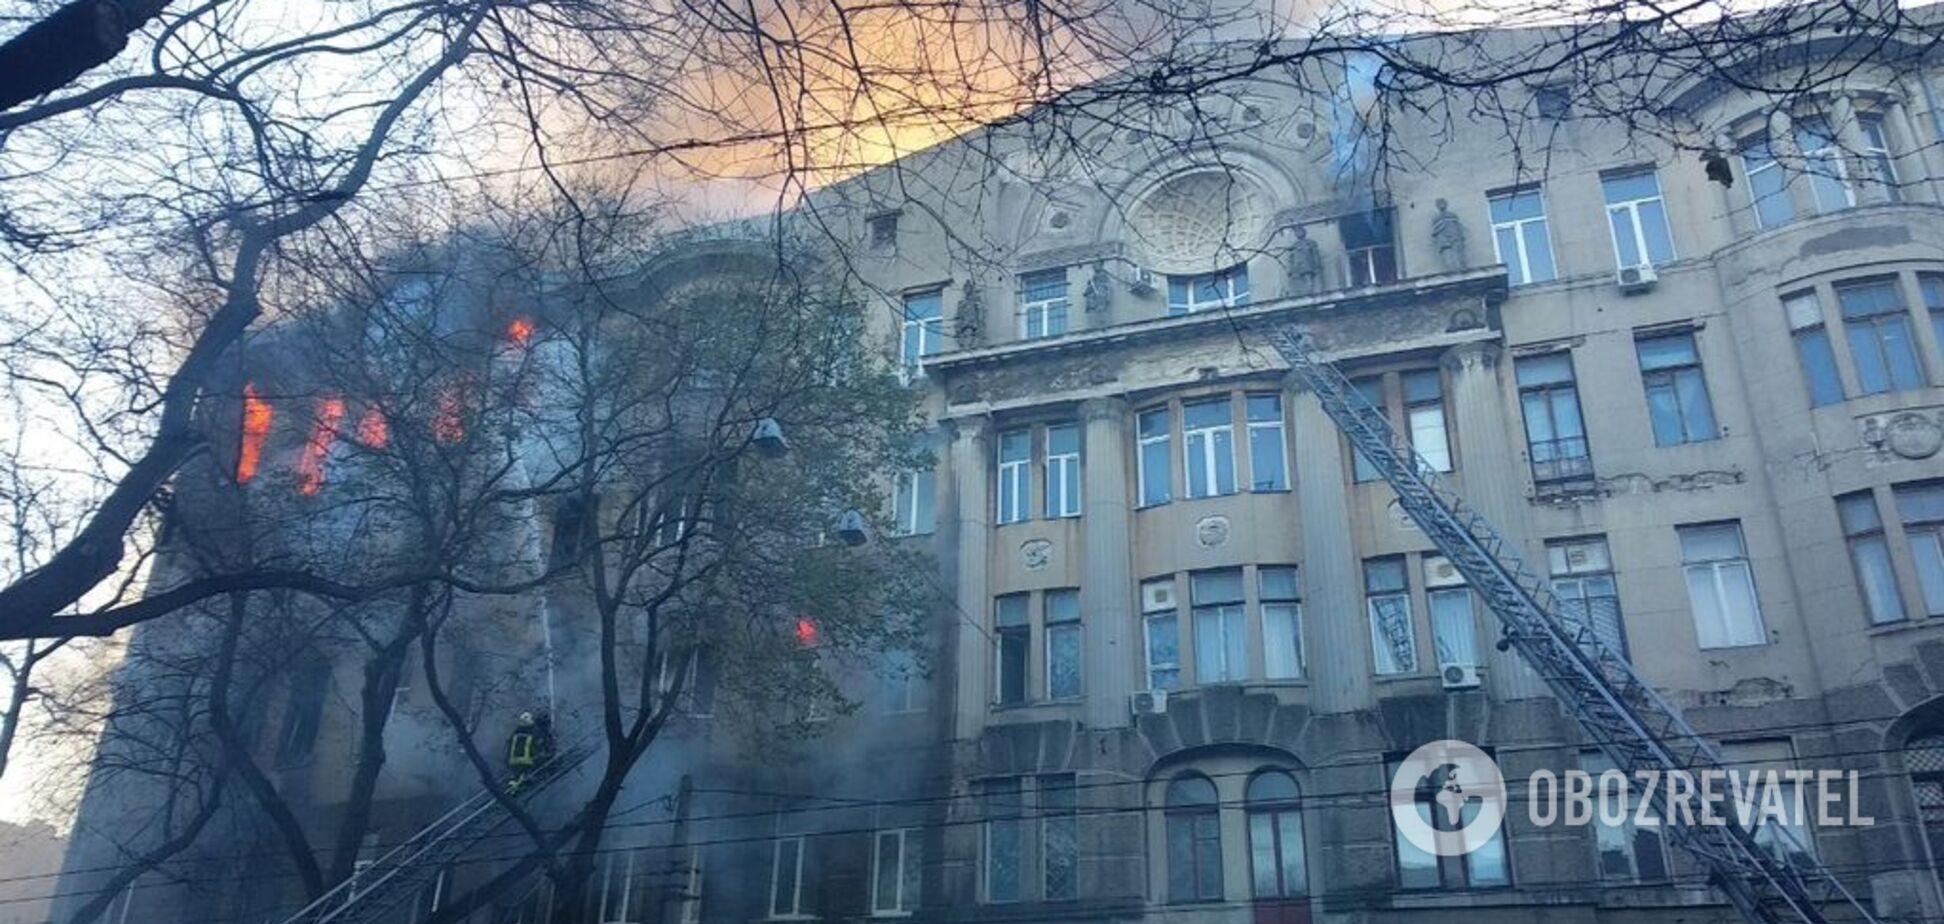 Пожежа в одеському коледжі: під завалами знайдене друге тіло